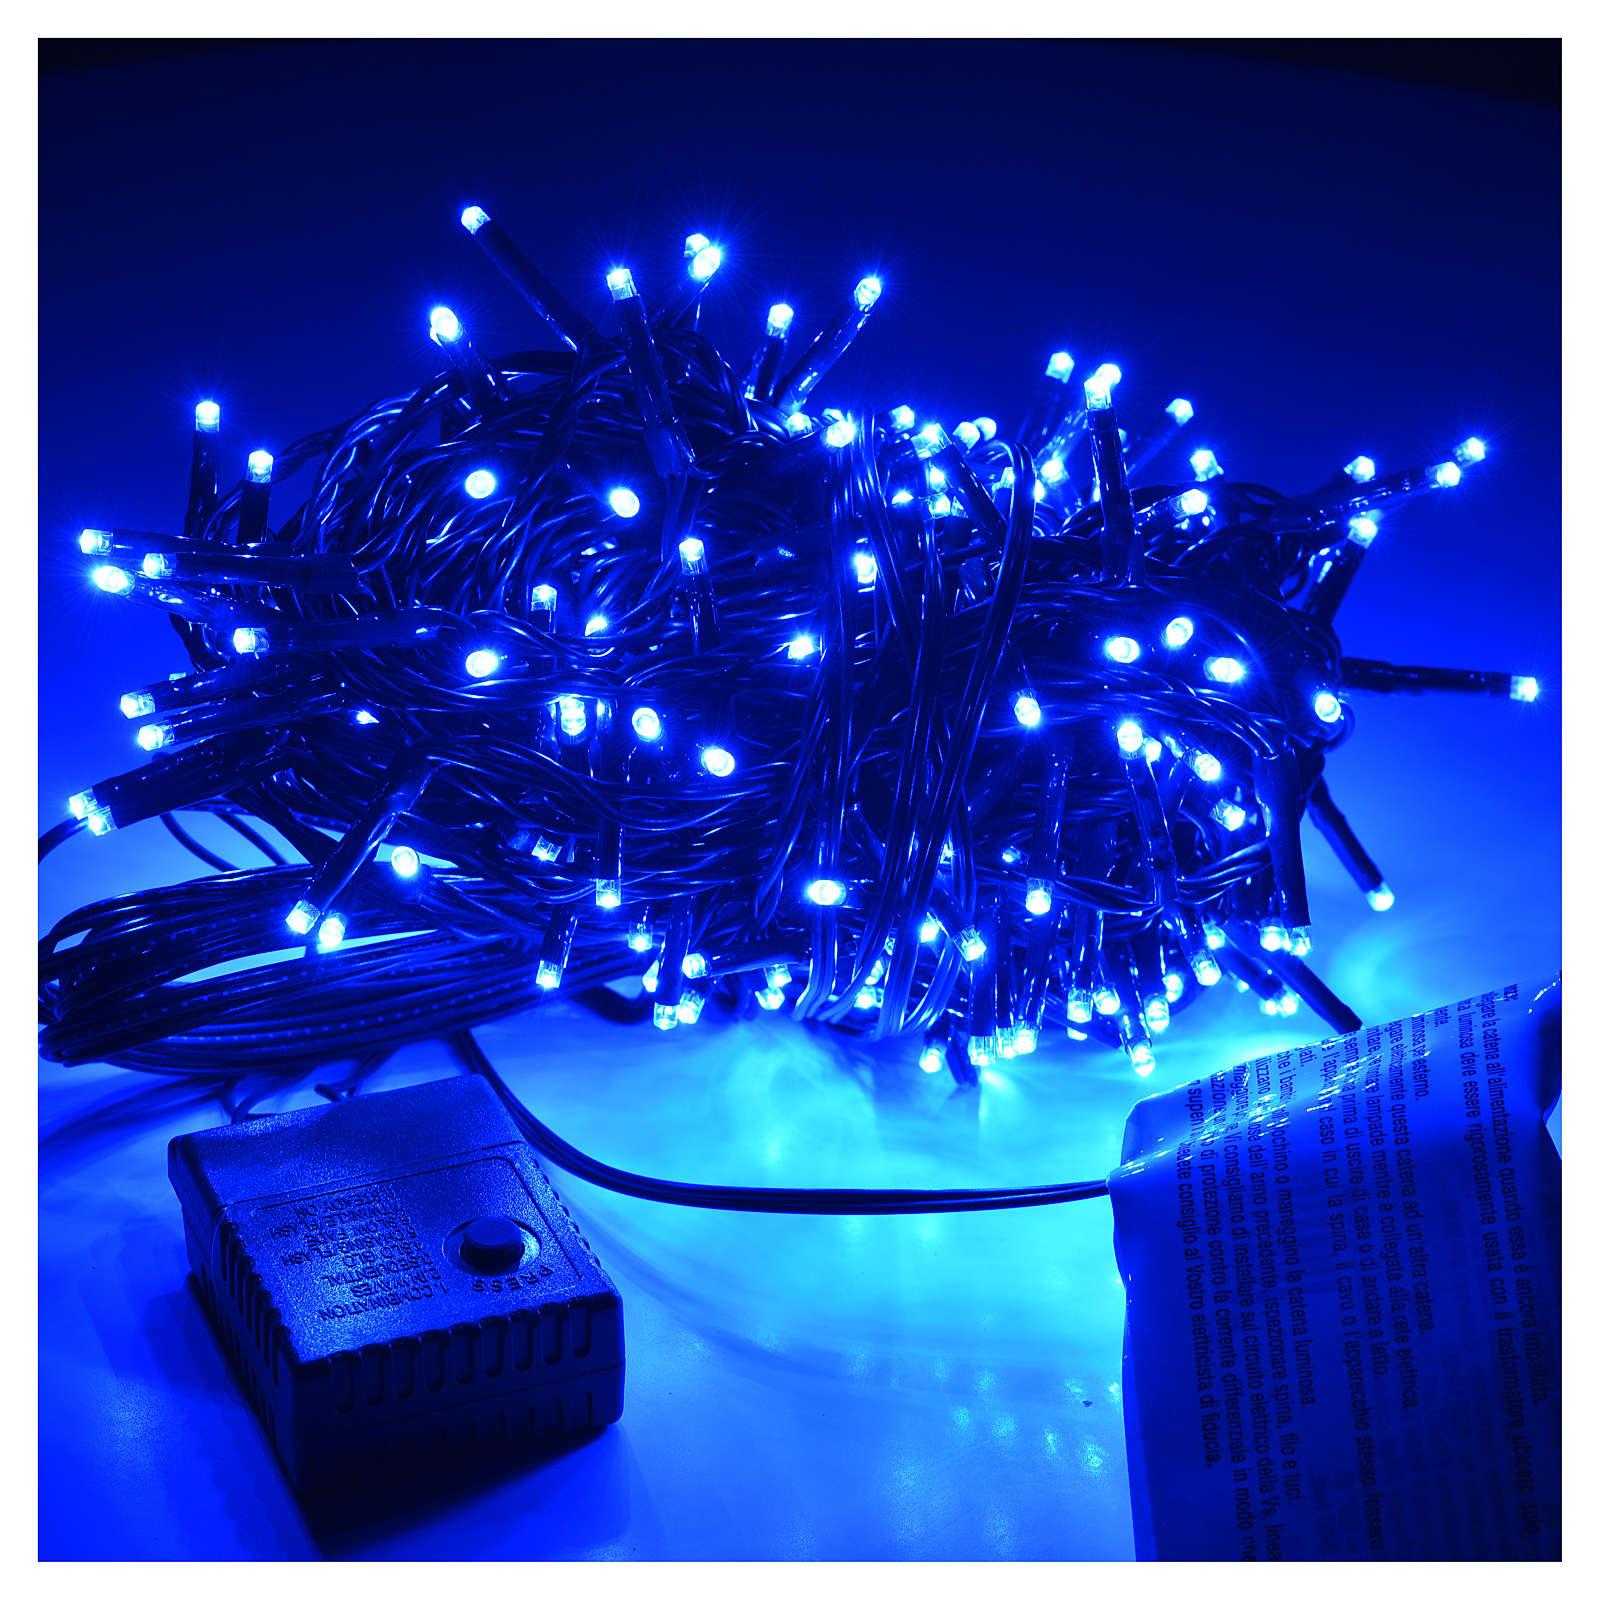 Luci Di Natale Esterno.Luci Di Natale 240 Miniled Blu Per Esterno Interno